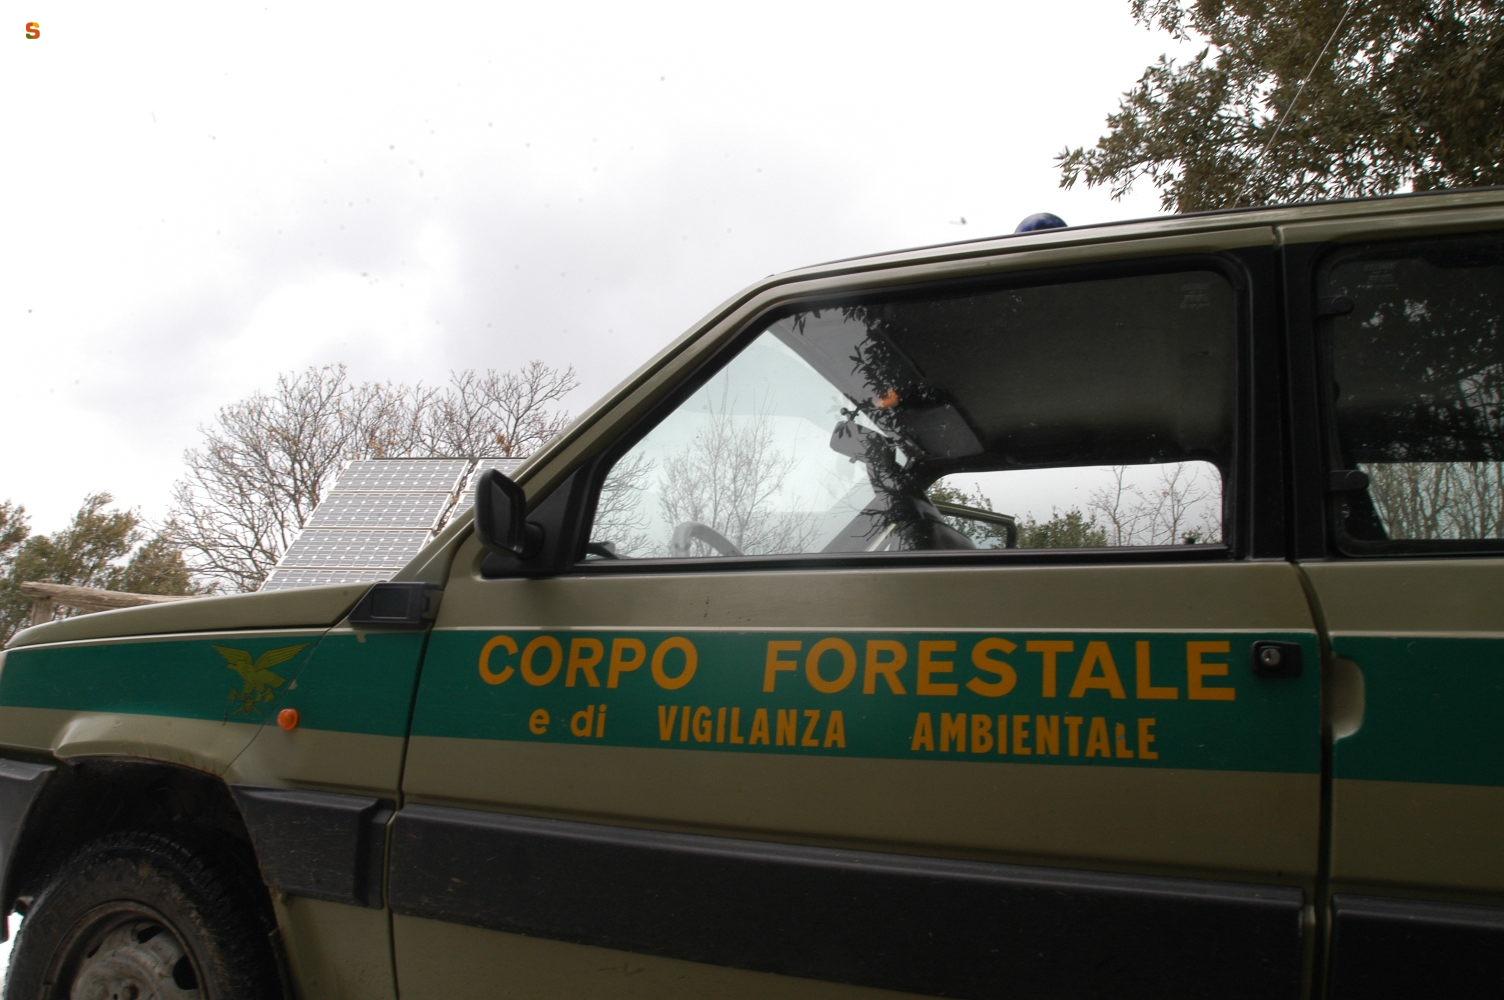 Cosa fa il Corpo Forestale di Vigilanza Ambientale? - Uno studio